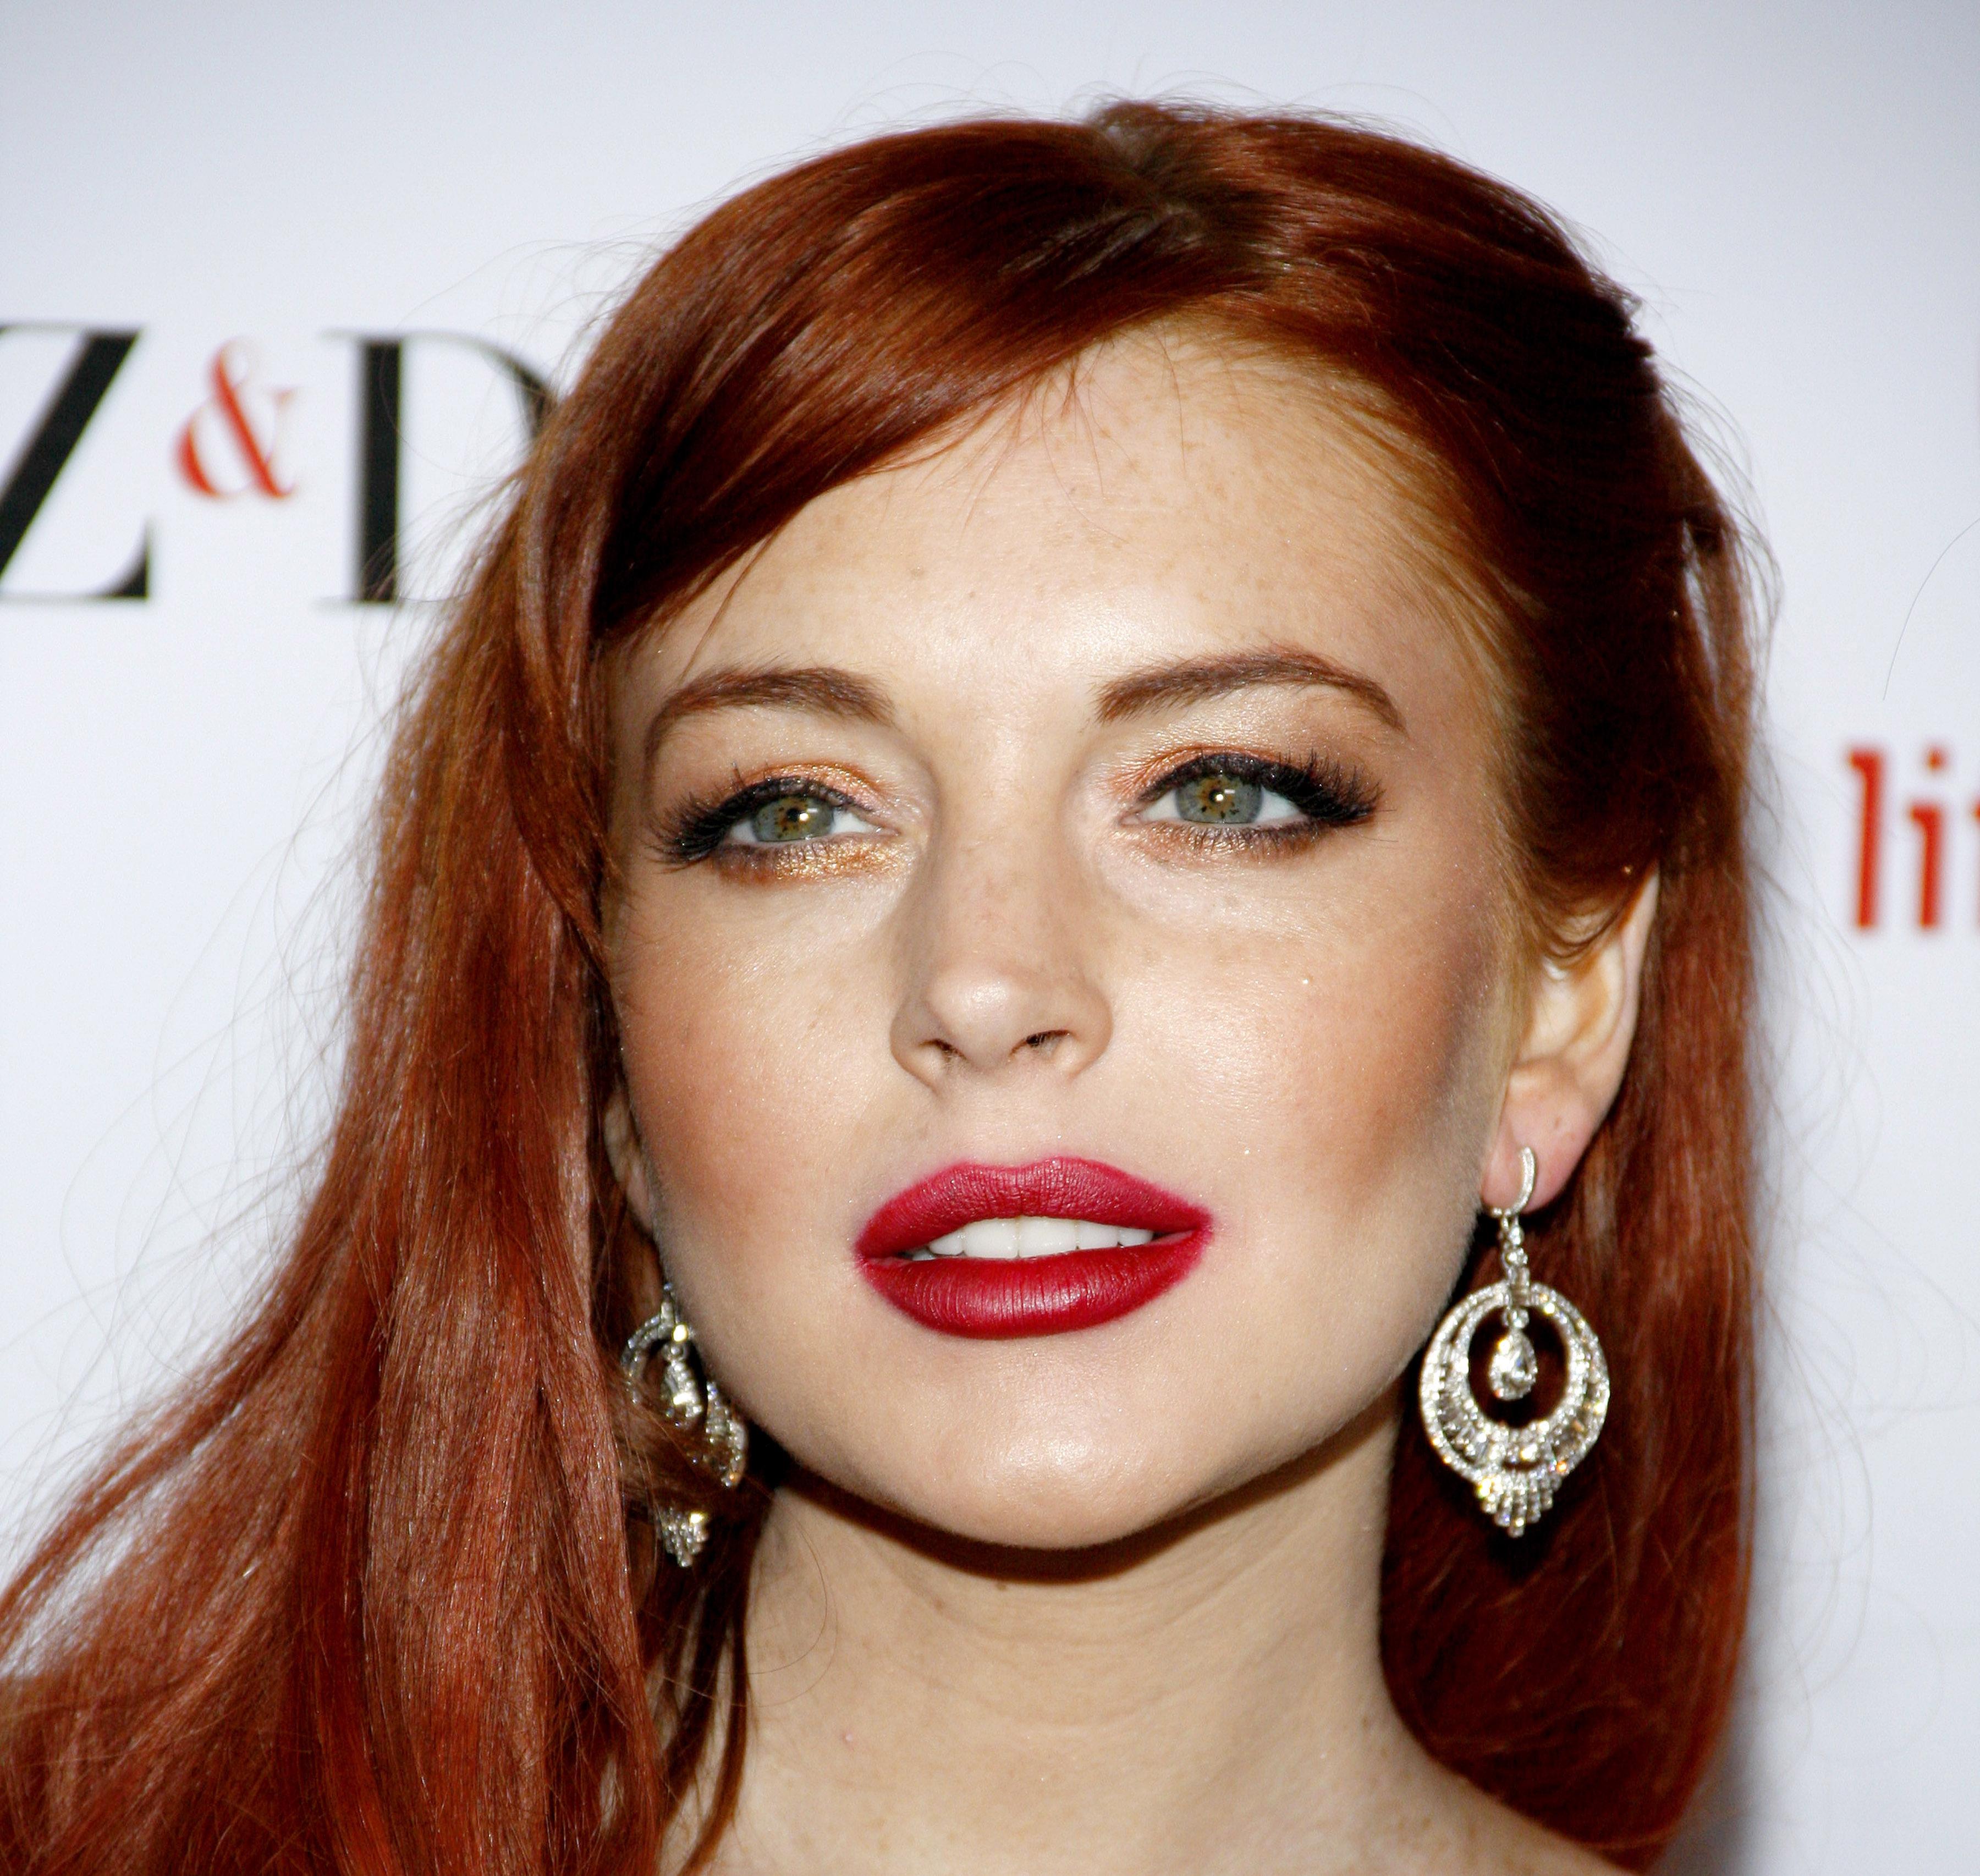 Zo ziet Ali Lohan, het zusje van Lindsay Lohan er nu uit